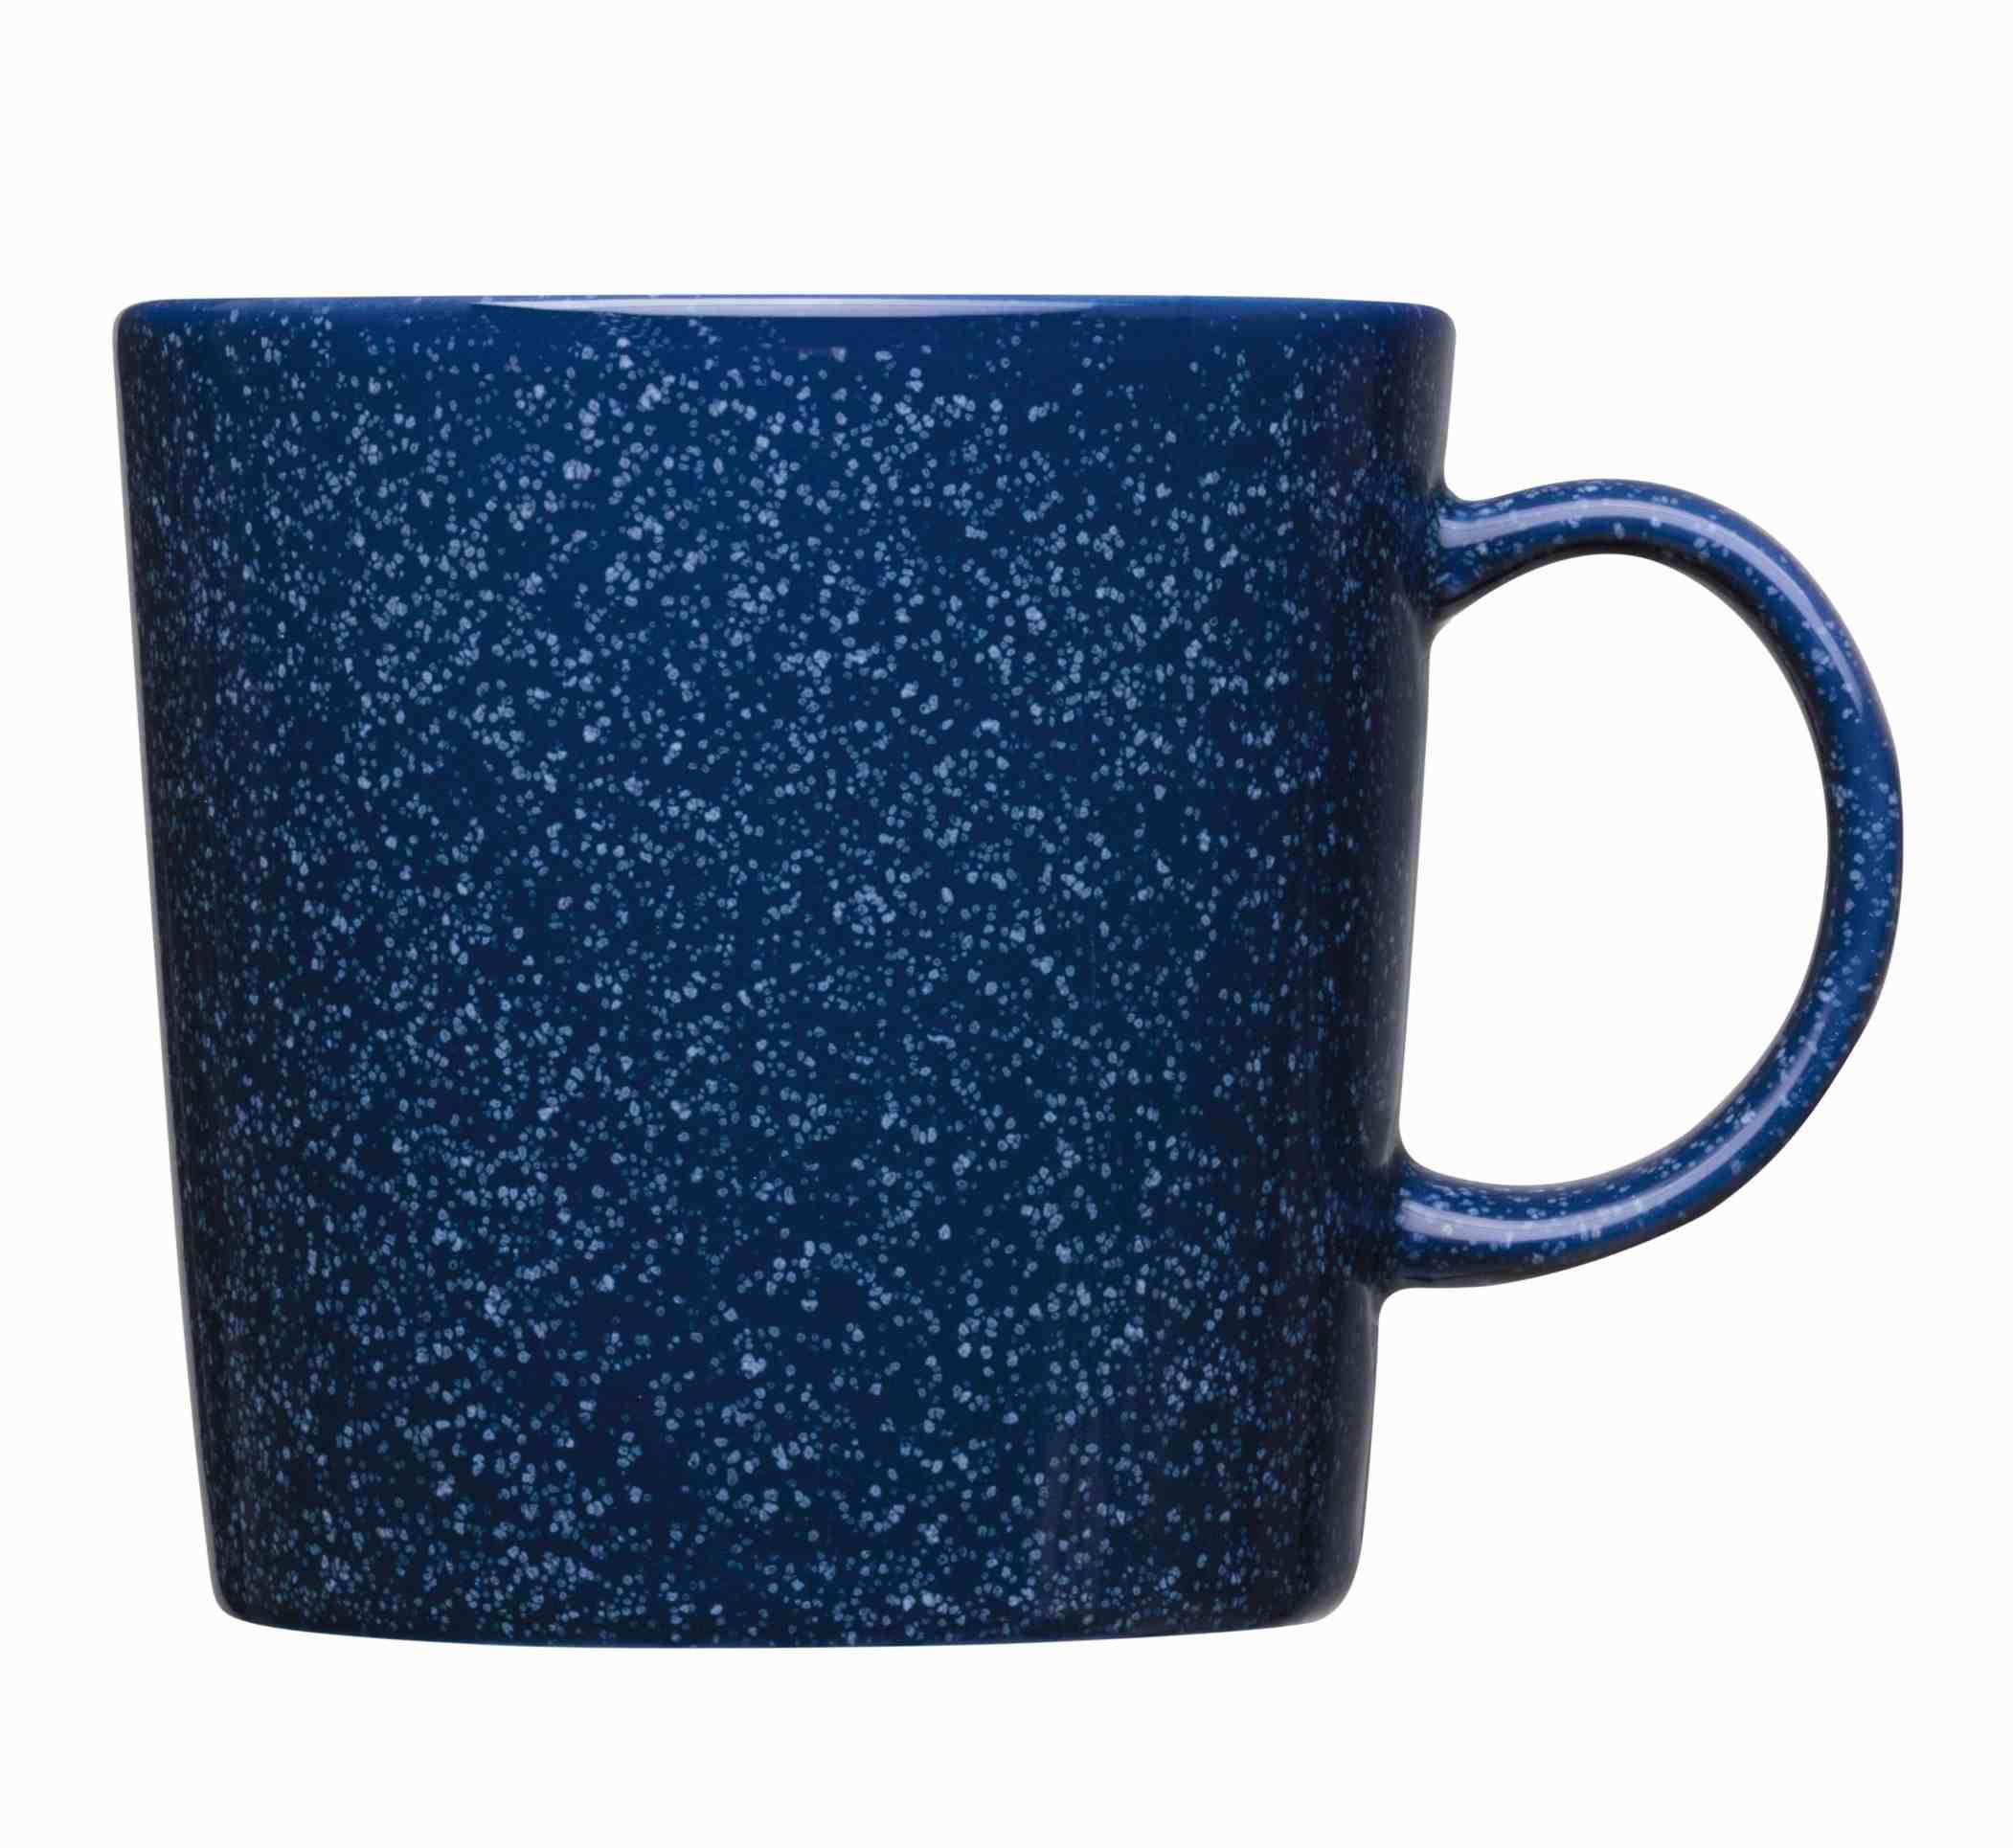 iittala teema beker dotted blue